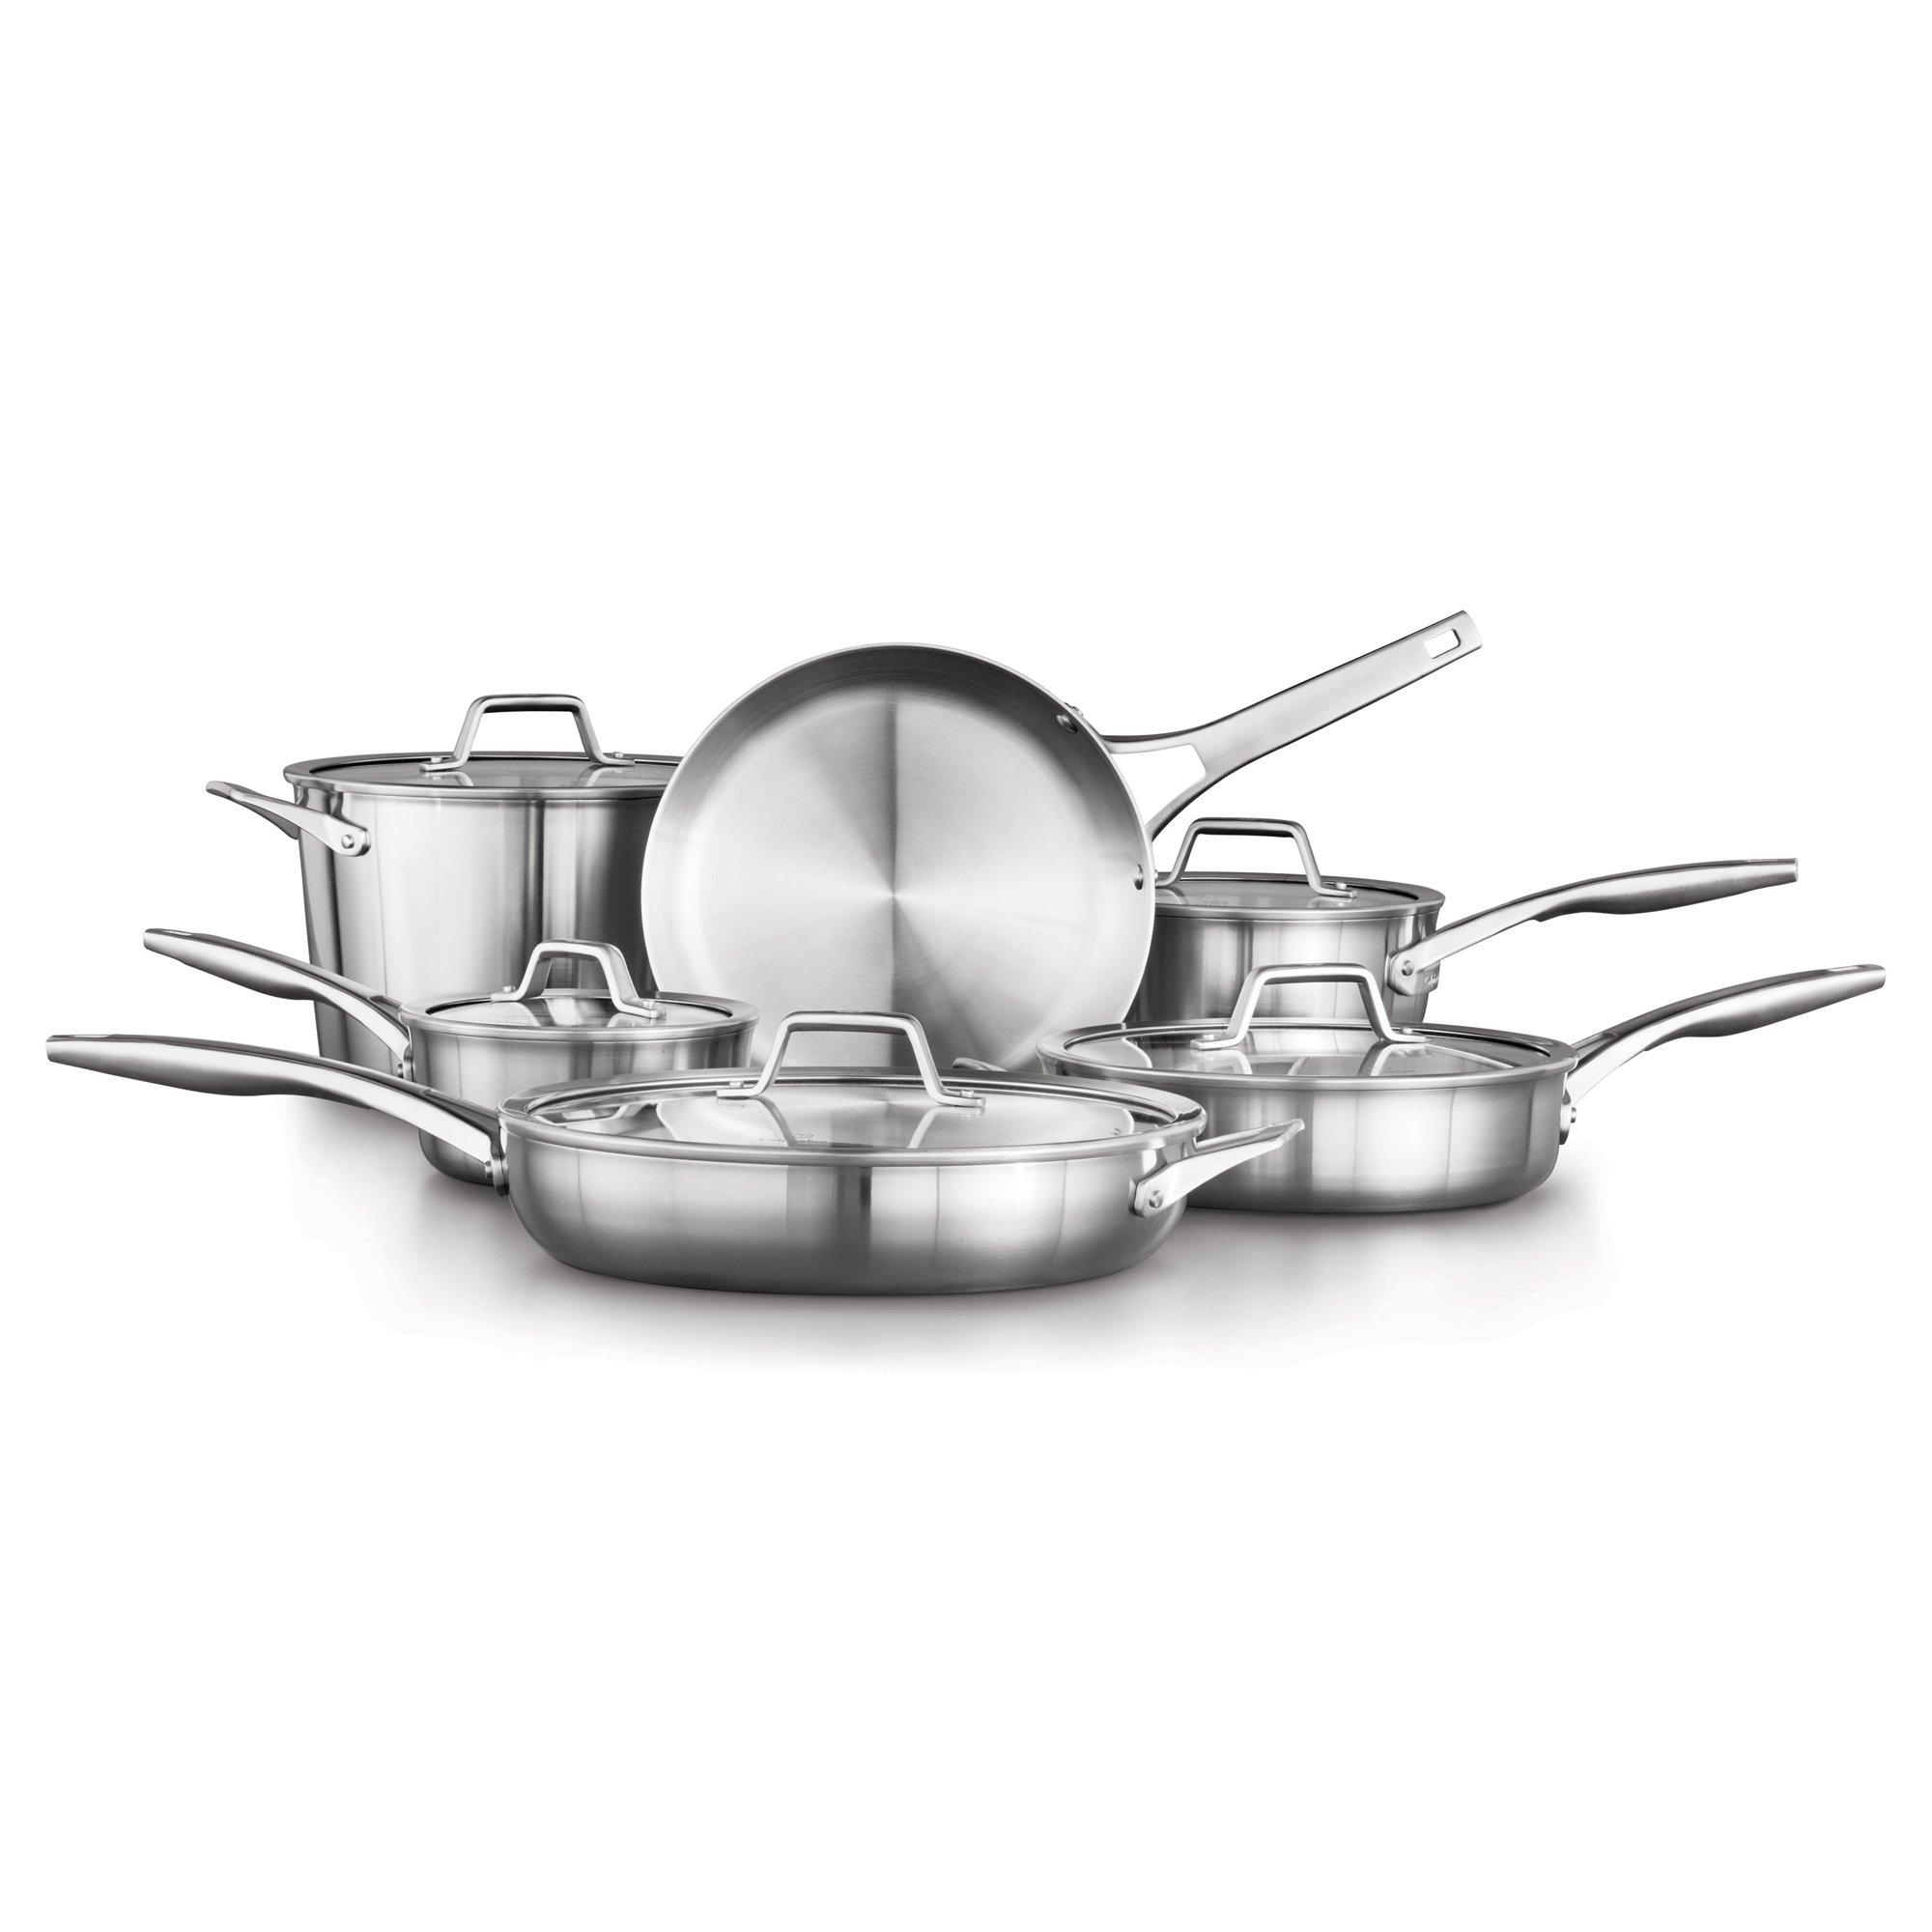 Calphalon Premier Stainless Steel 11-Piece Cookware Set